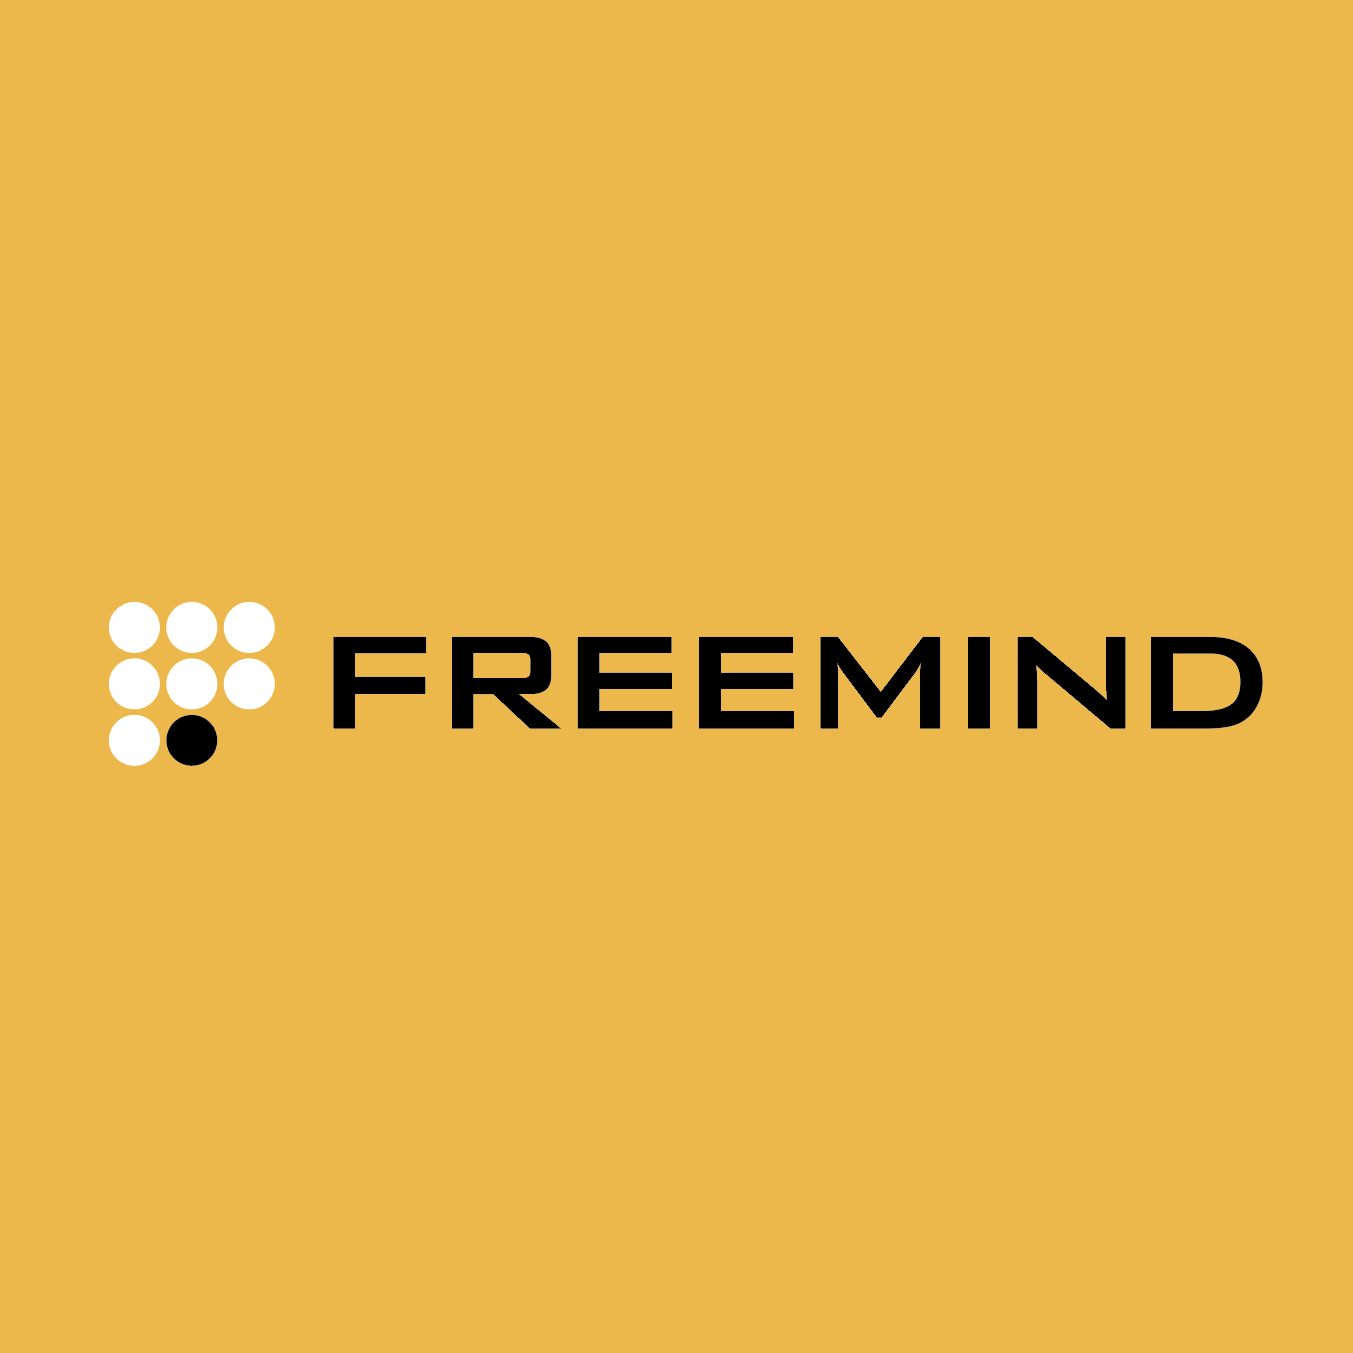 FREEMINDロゴデザイン